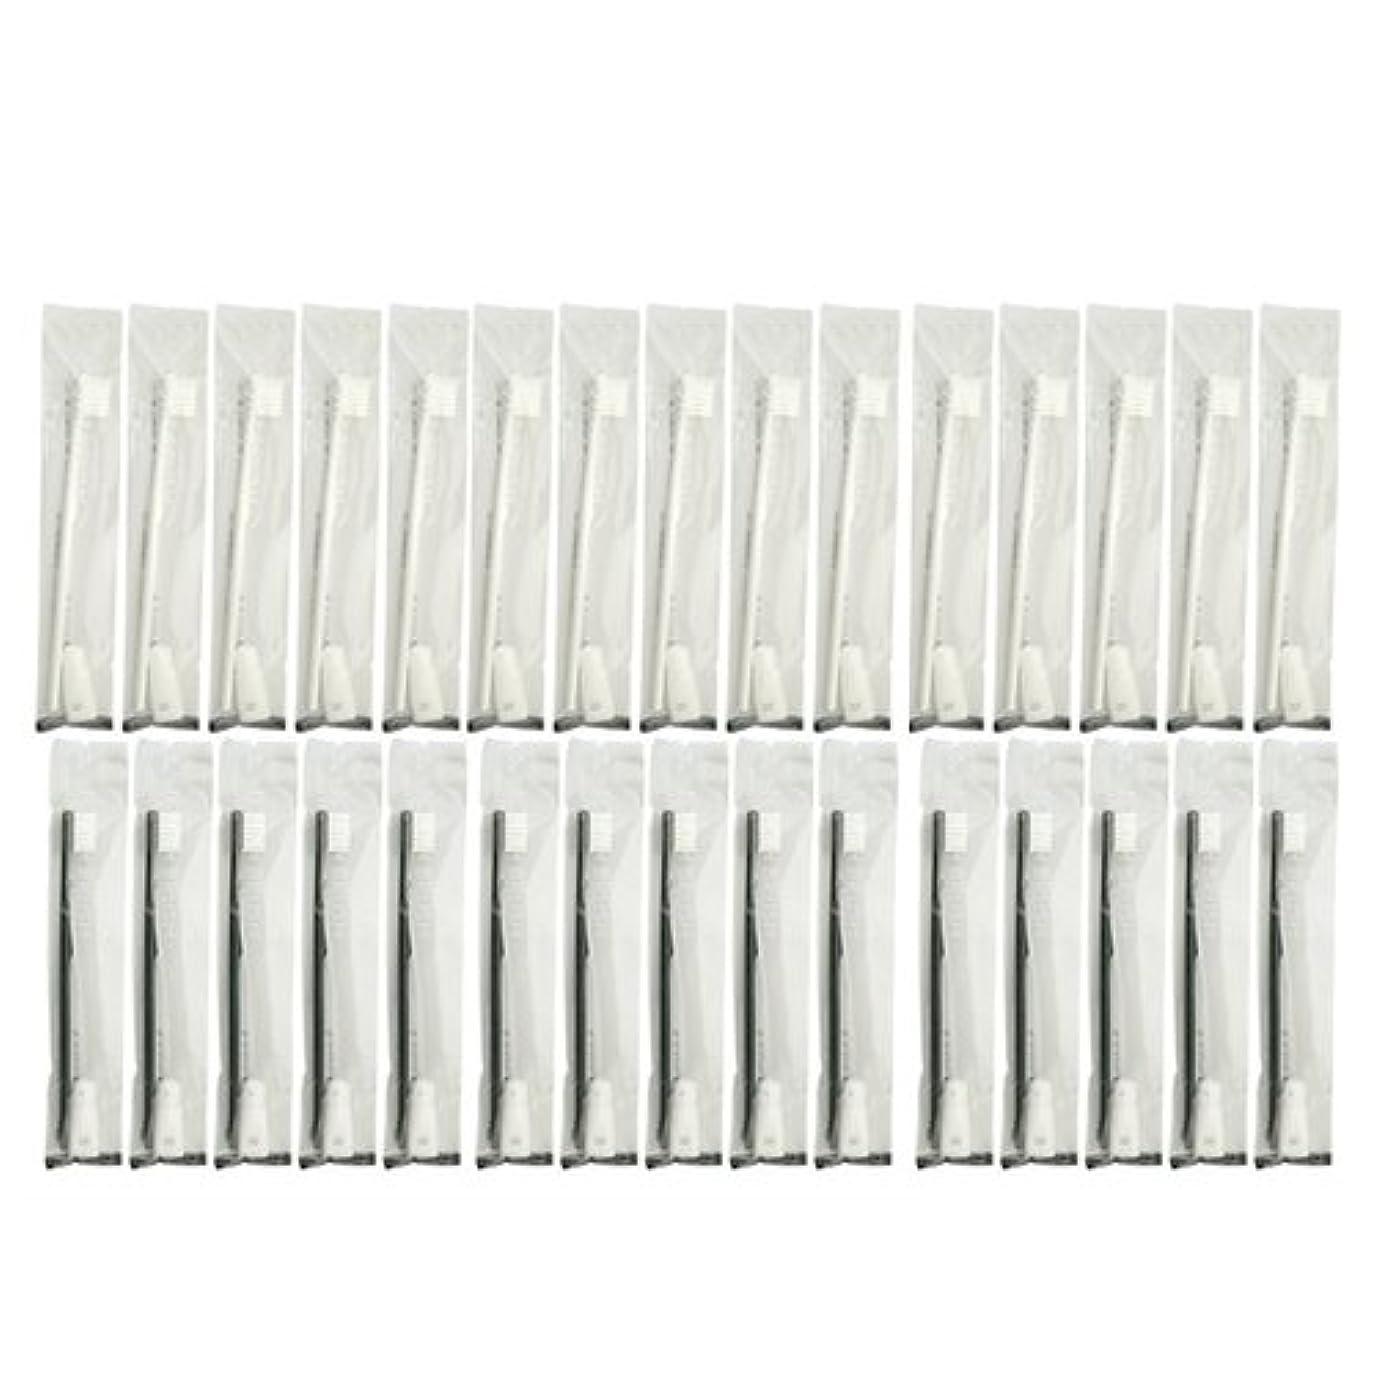 エンジニア密度比類なき業務用 使い捨て歯ブラシ チューブ歯磨き粉(3g)付き アソート 40本 (ブラック20本/ホワイト20本)セット│ホテルアメニティ 個包装タイプ